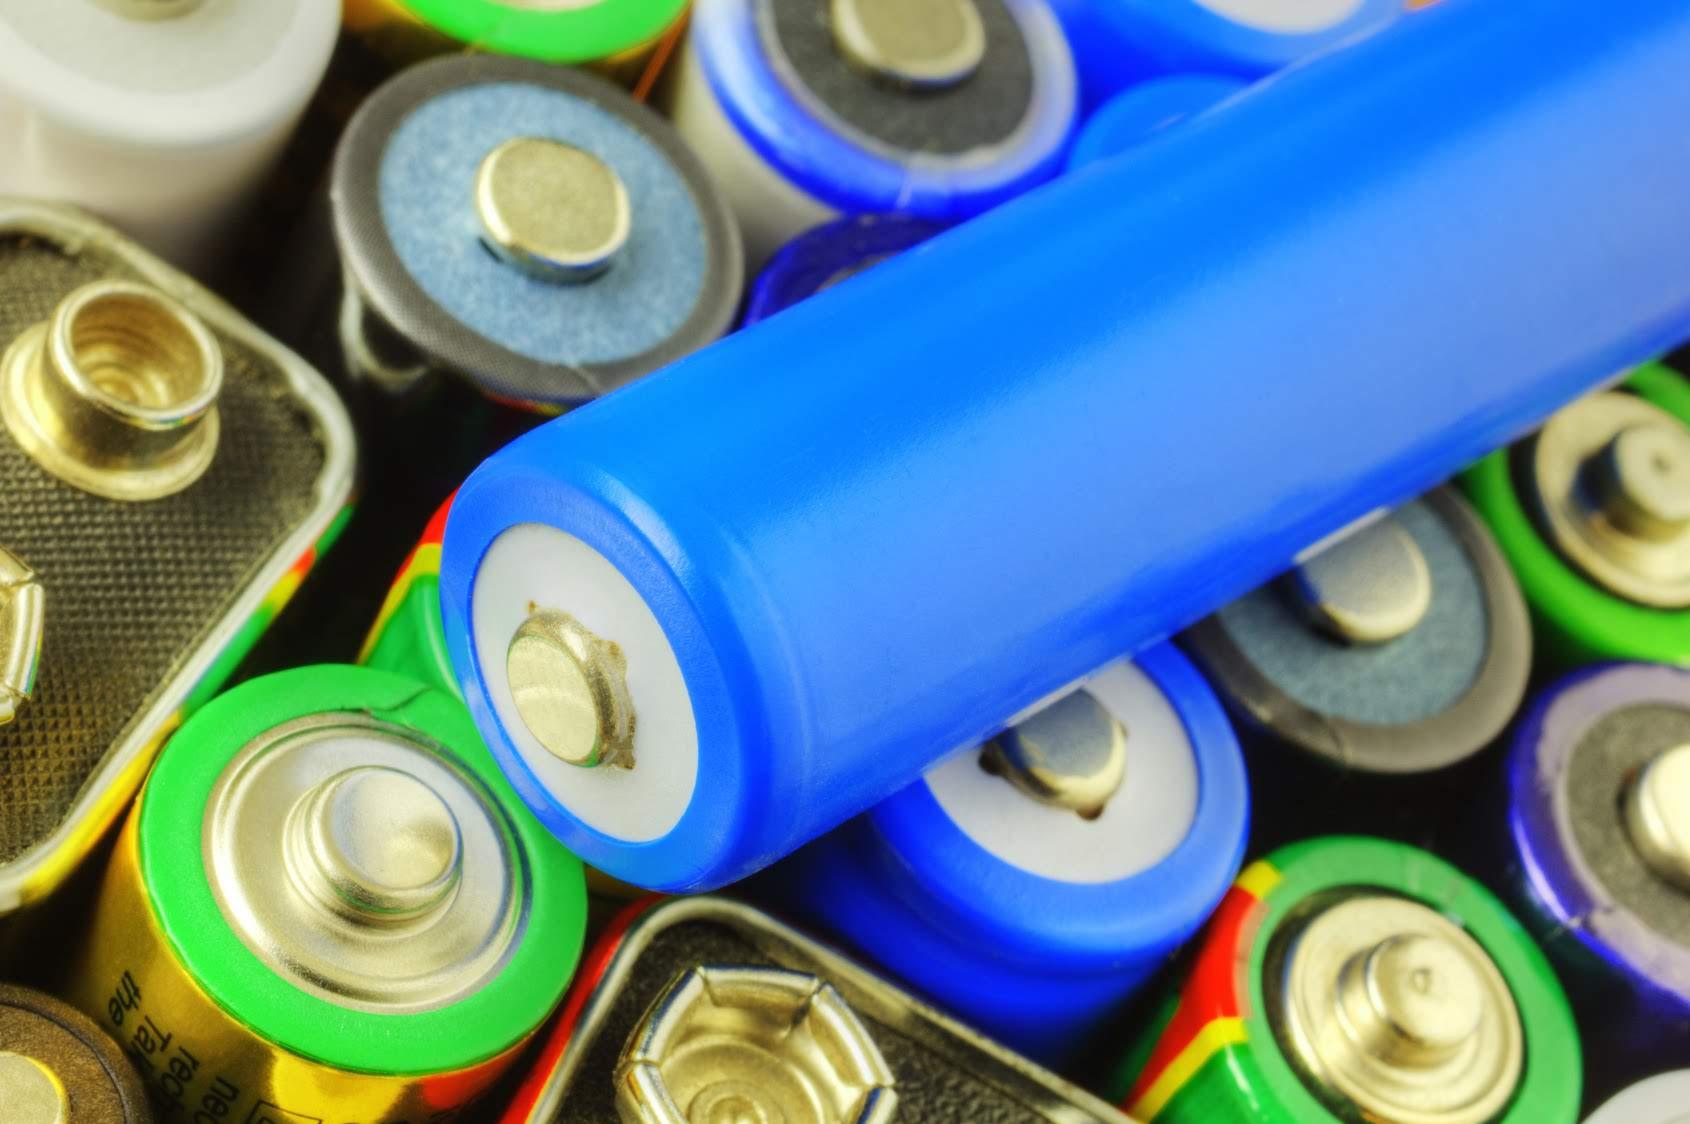 Recyklácia lítium-iónových batérií môže byť efektívnejšia s novou technológiou